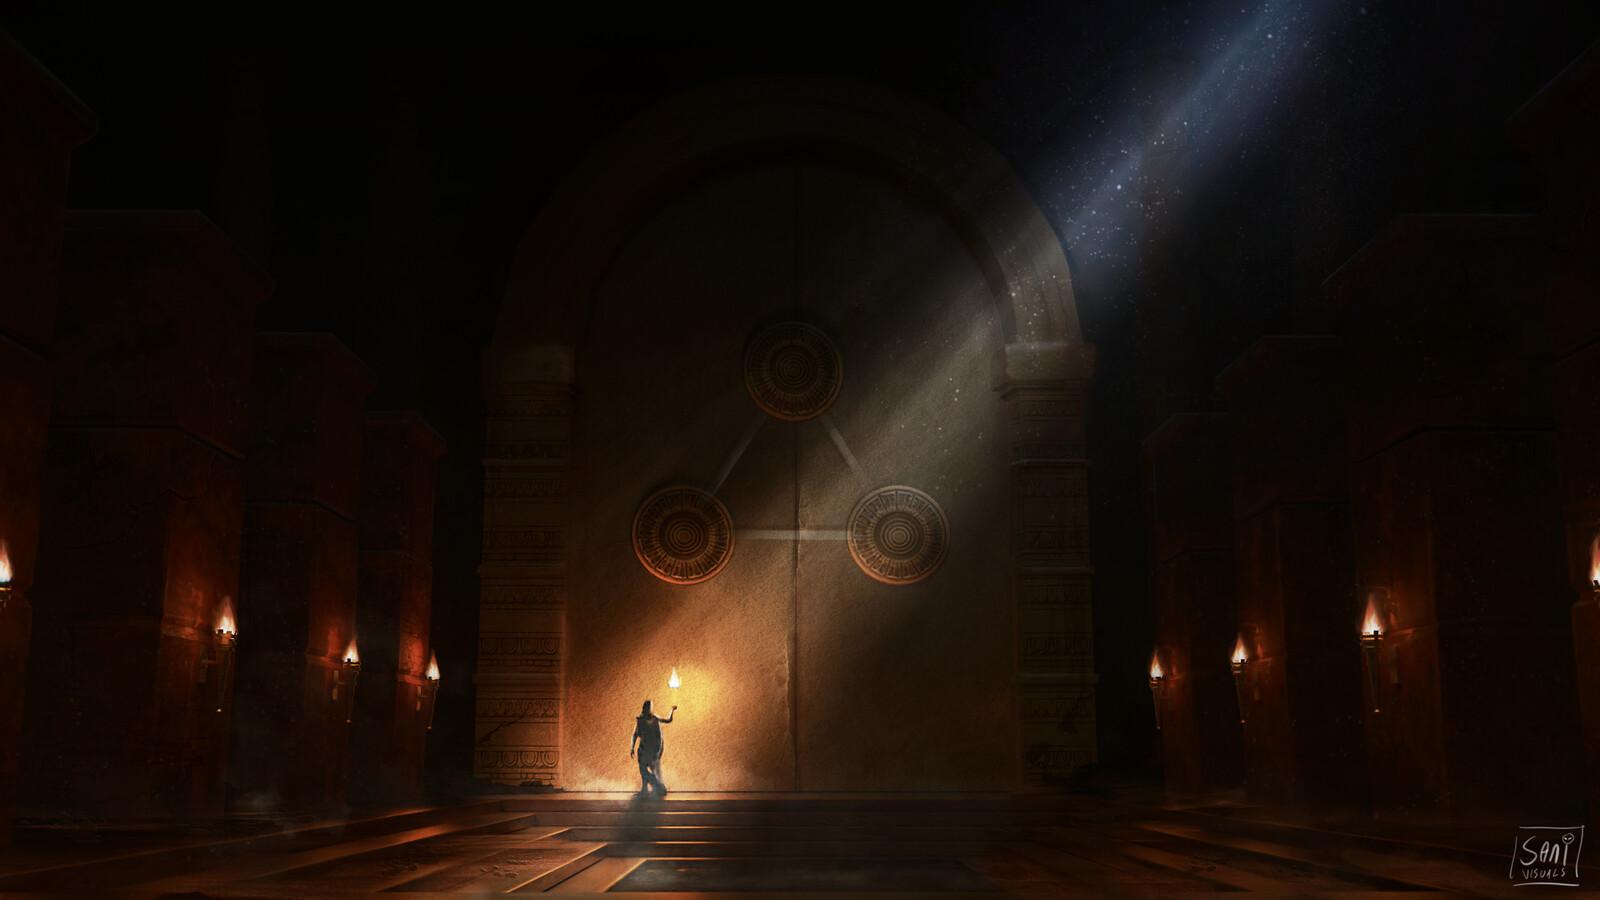 Danium Temple - Concept piece